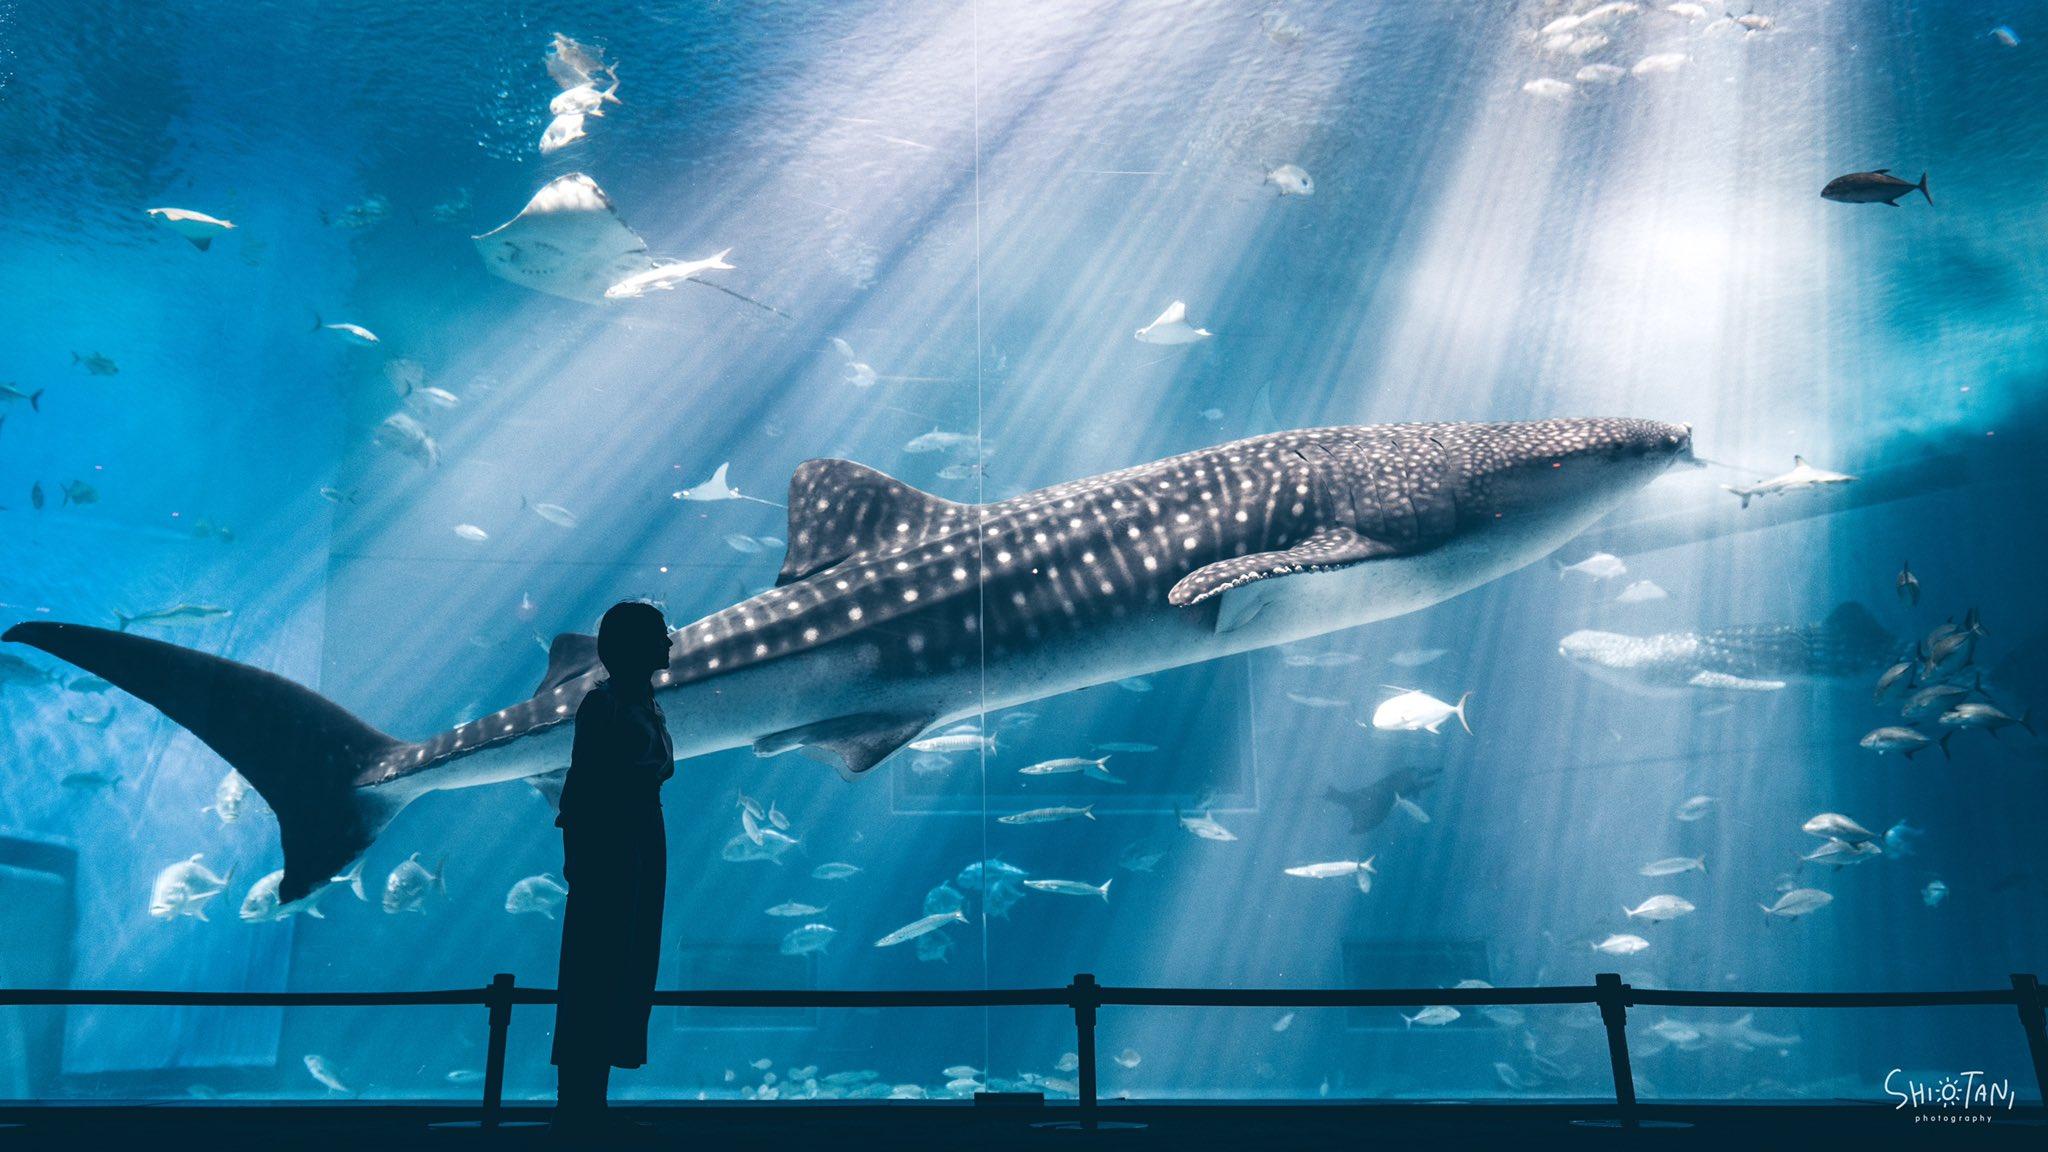 美ら海水族館を独り占めして撮った写真を見て欲しい